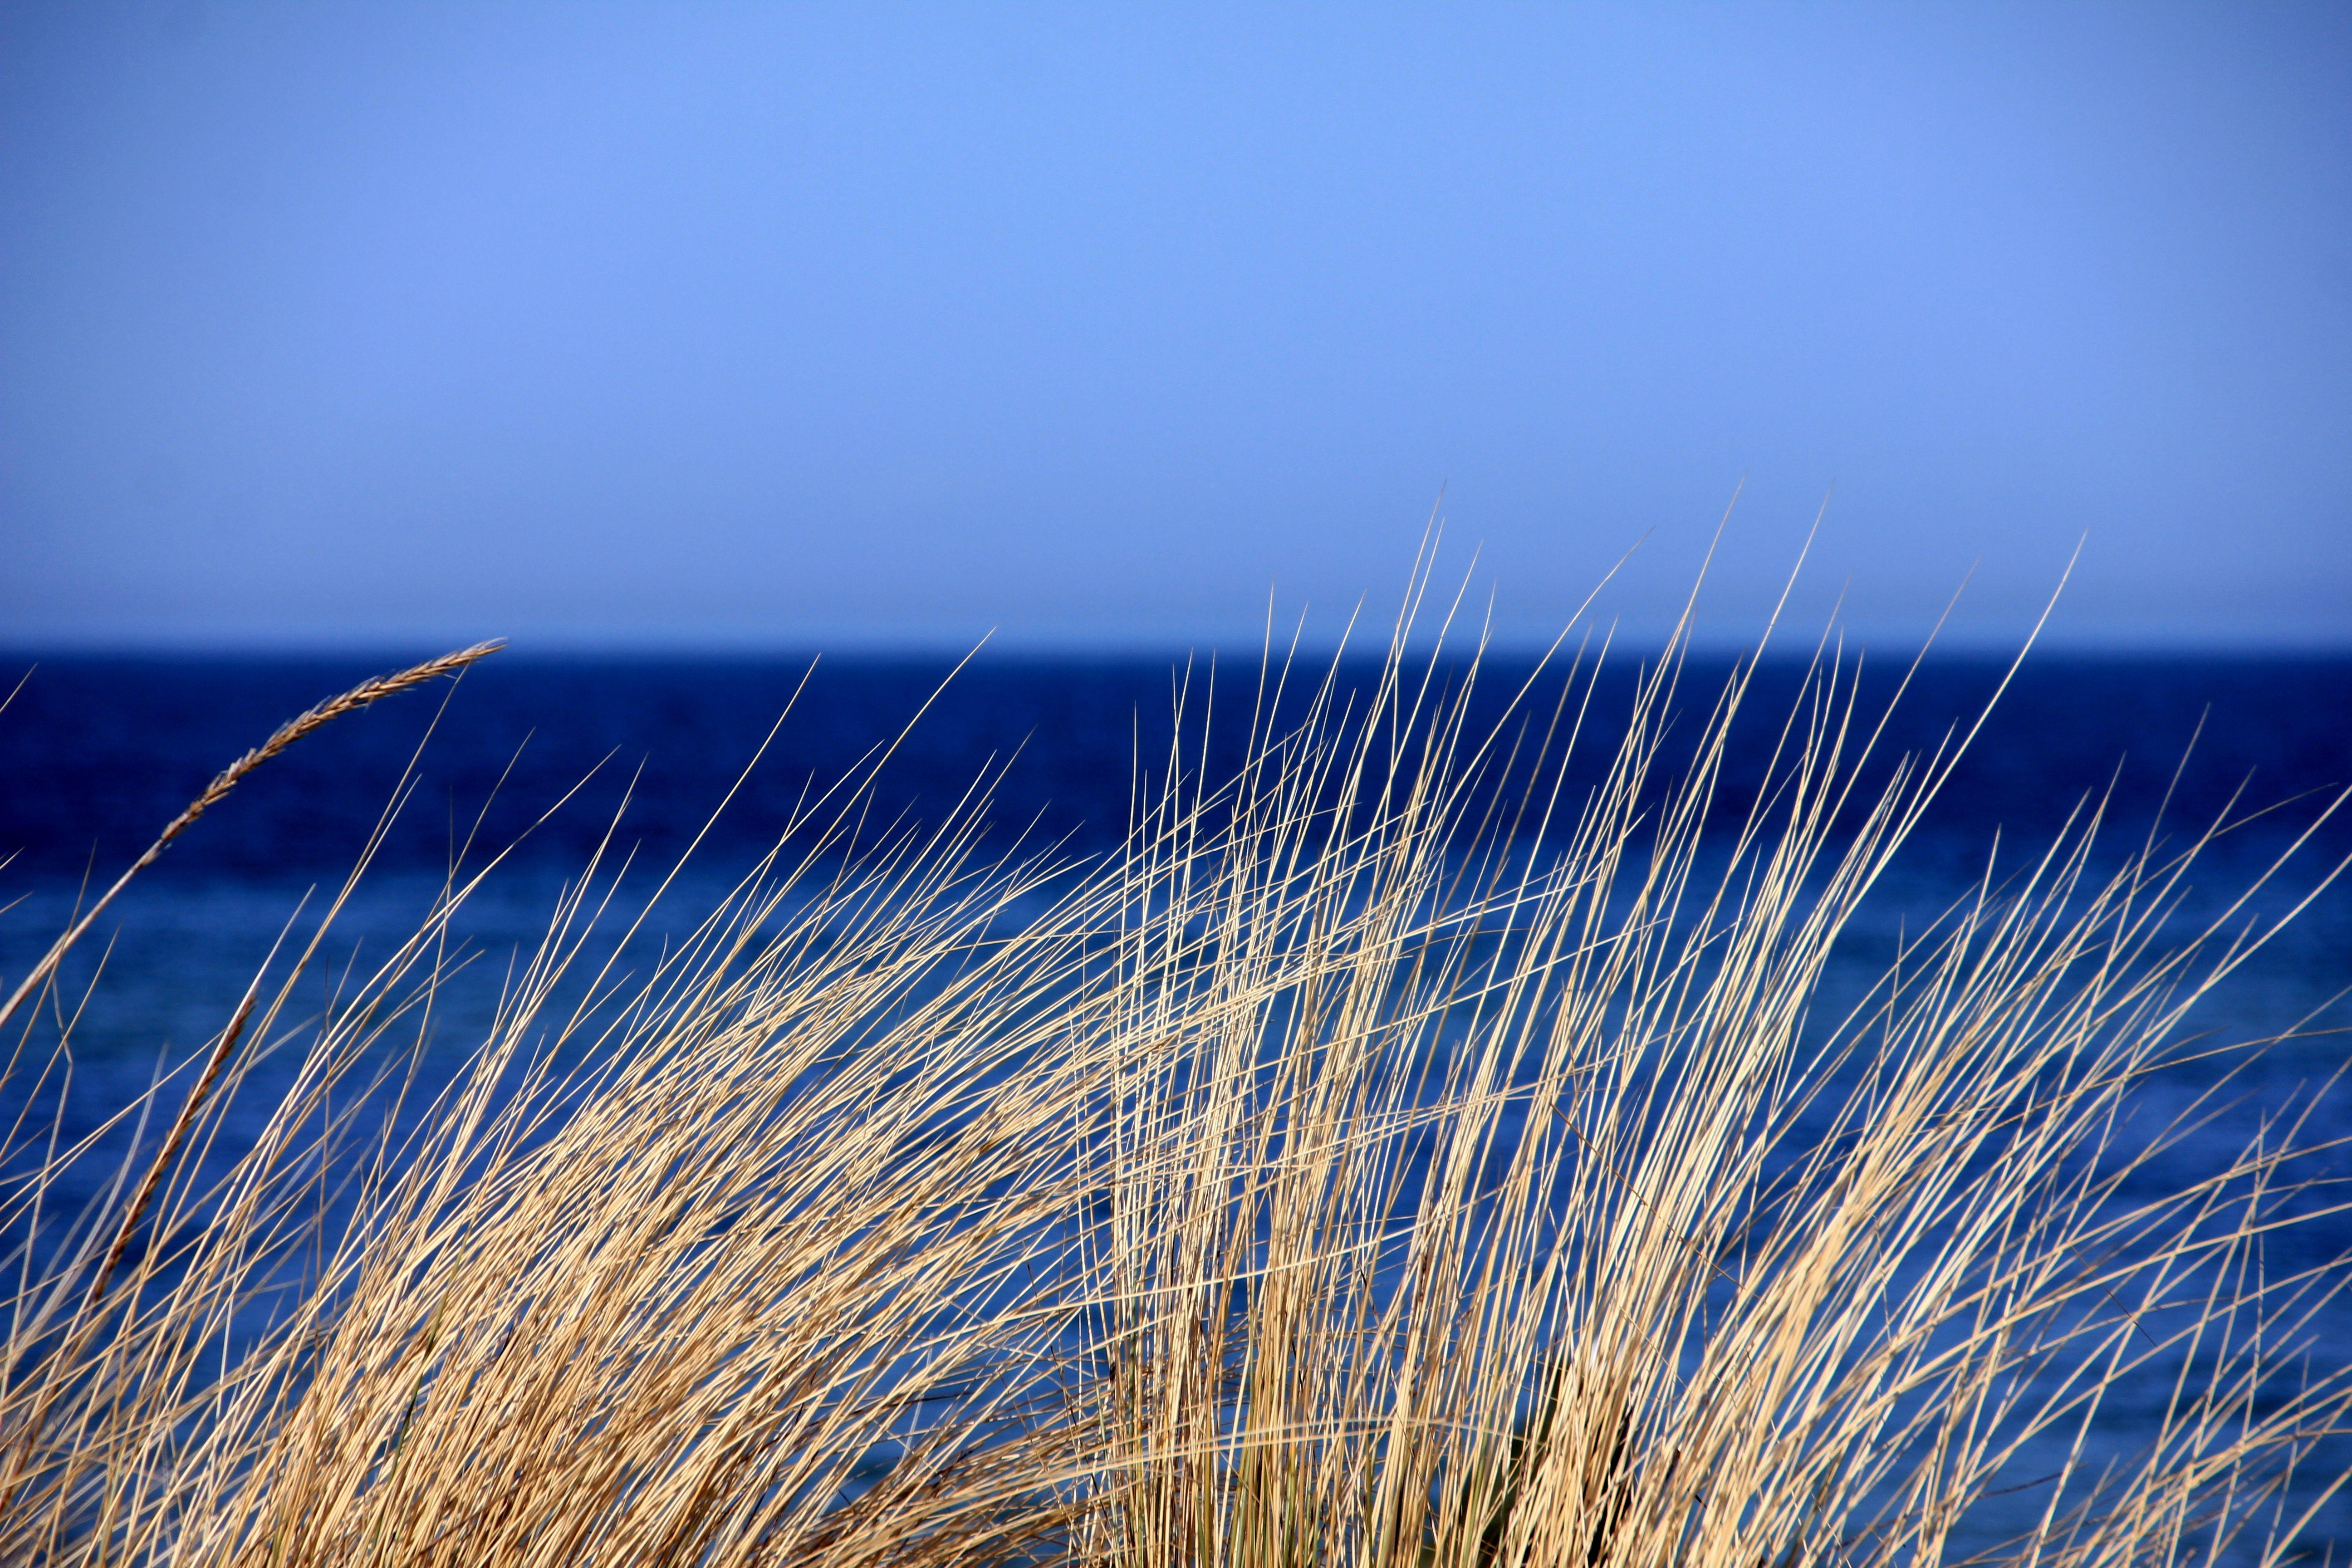 124698 скачать обои Природа, Трава, Море, Ветер, Небо - заставки и картинки бесплатно